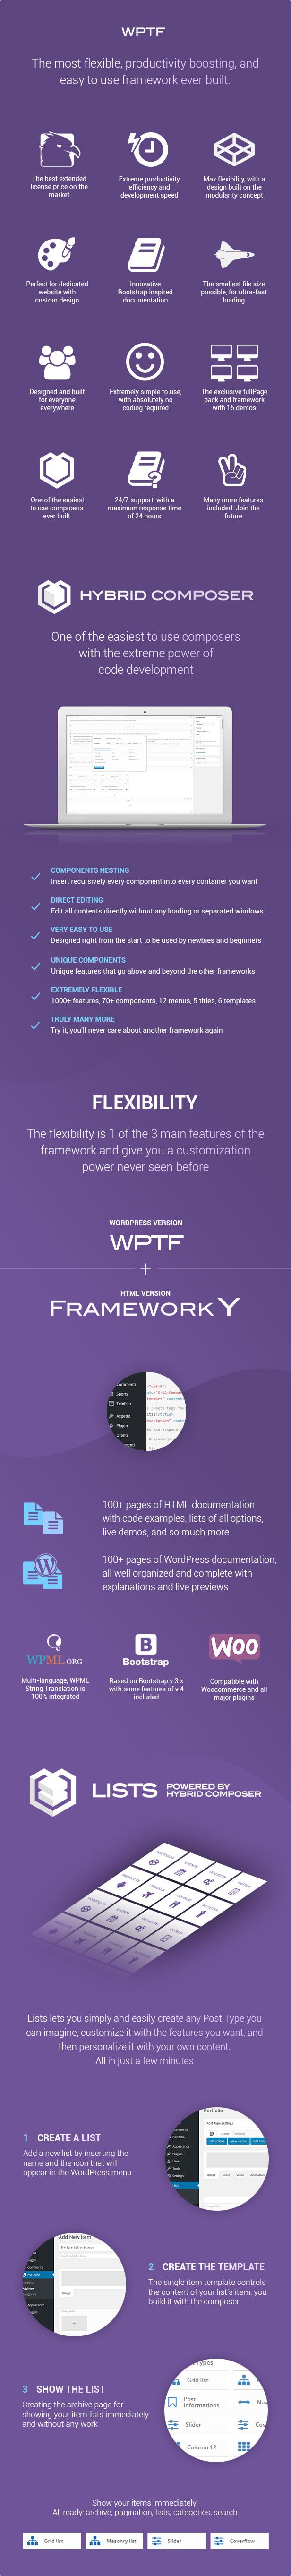 Signflow - Tech & Startup Ultra Modern Theme - 4